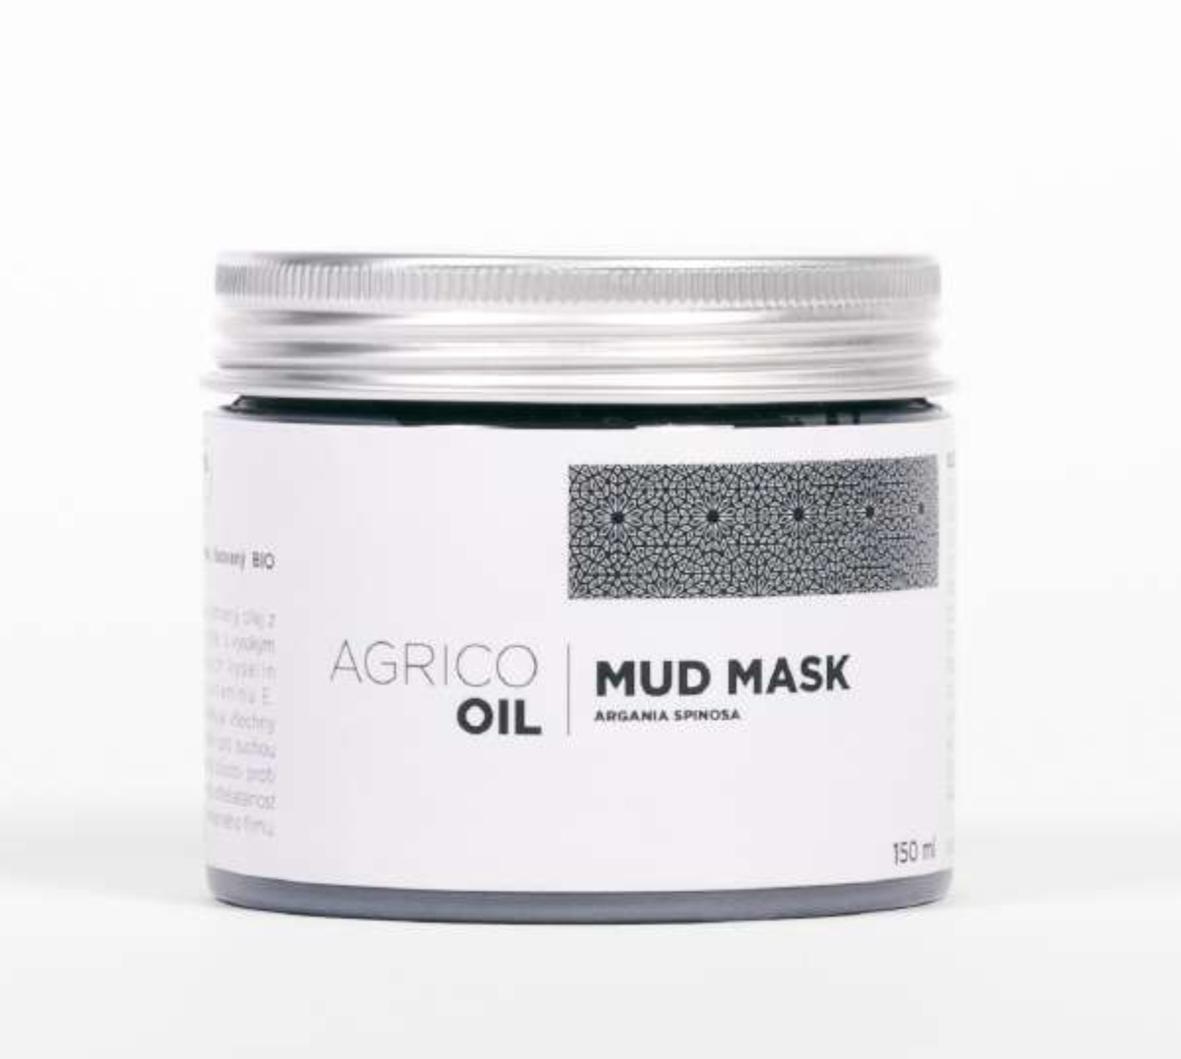 Agrico Oil Mud Mask - pleťová maska s bahnom z mŕtveho mora a arganovým olejom, 150 ml